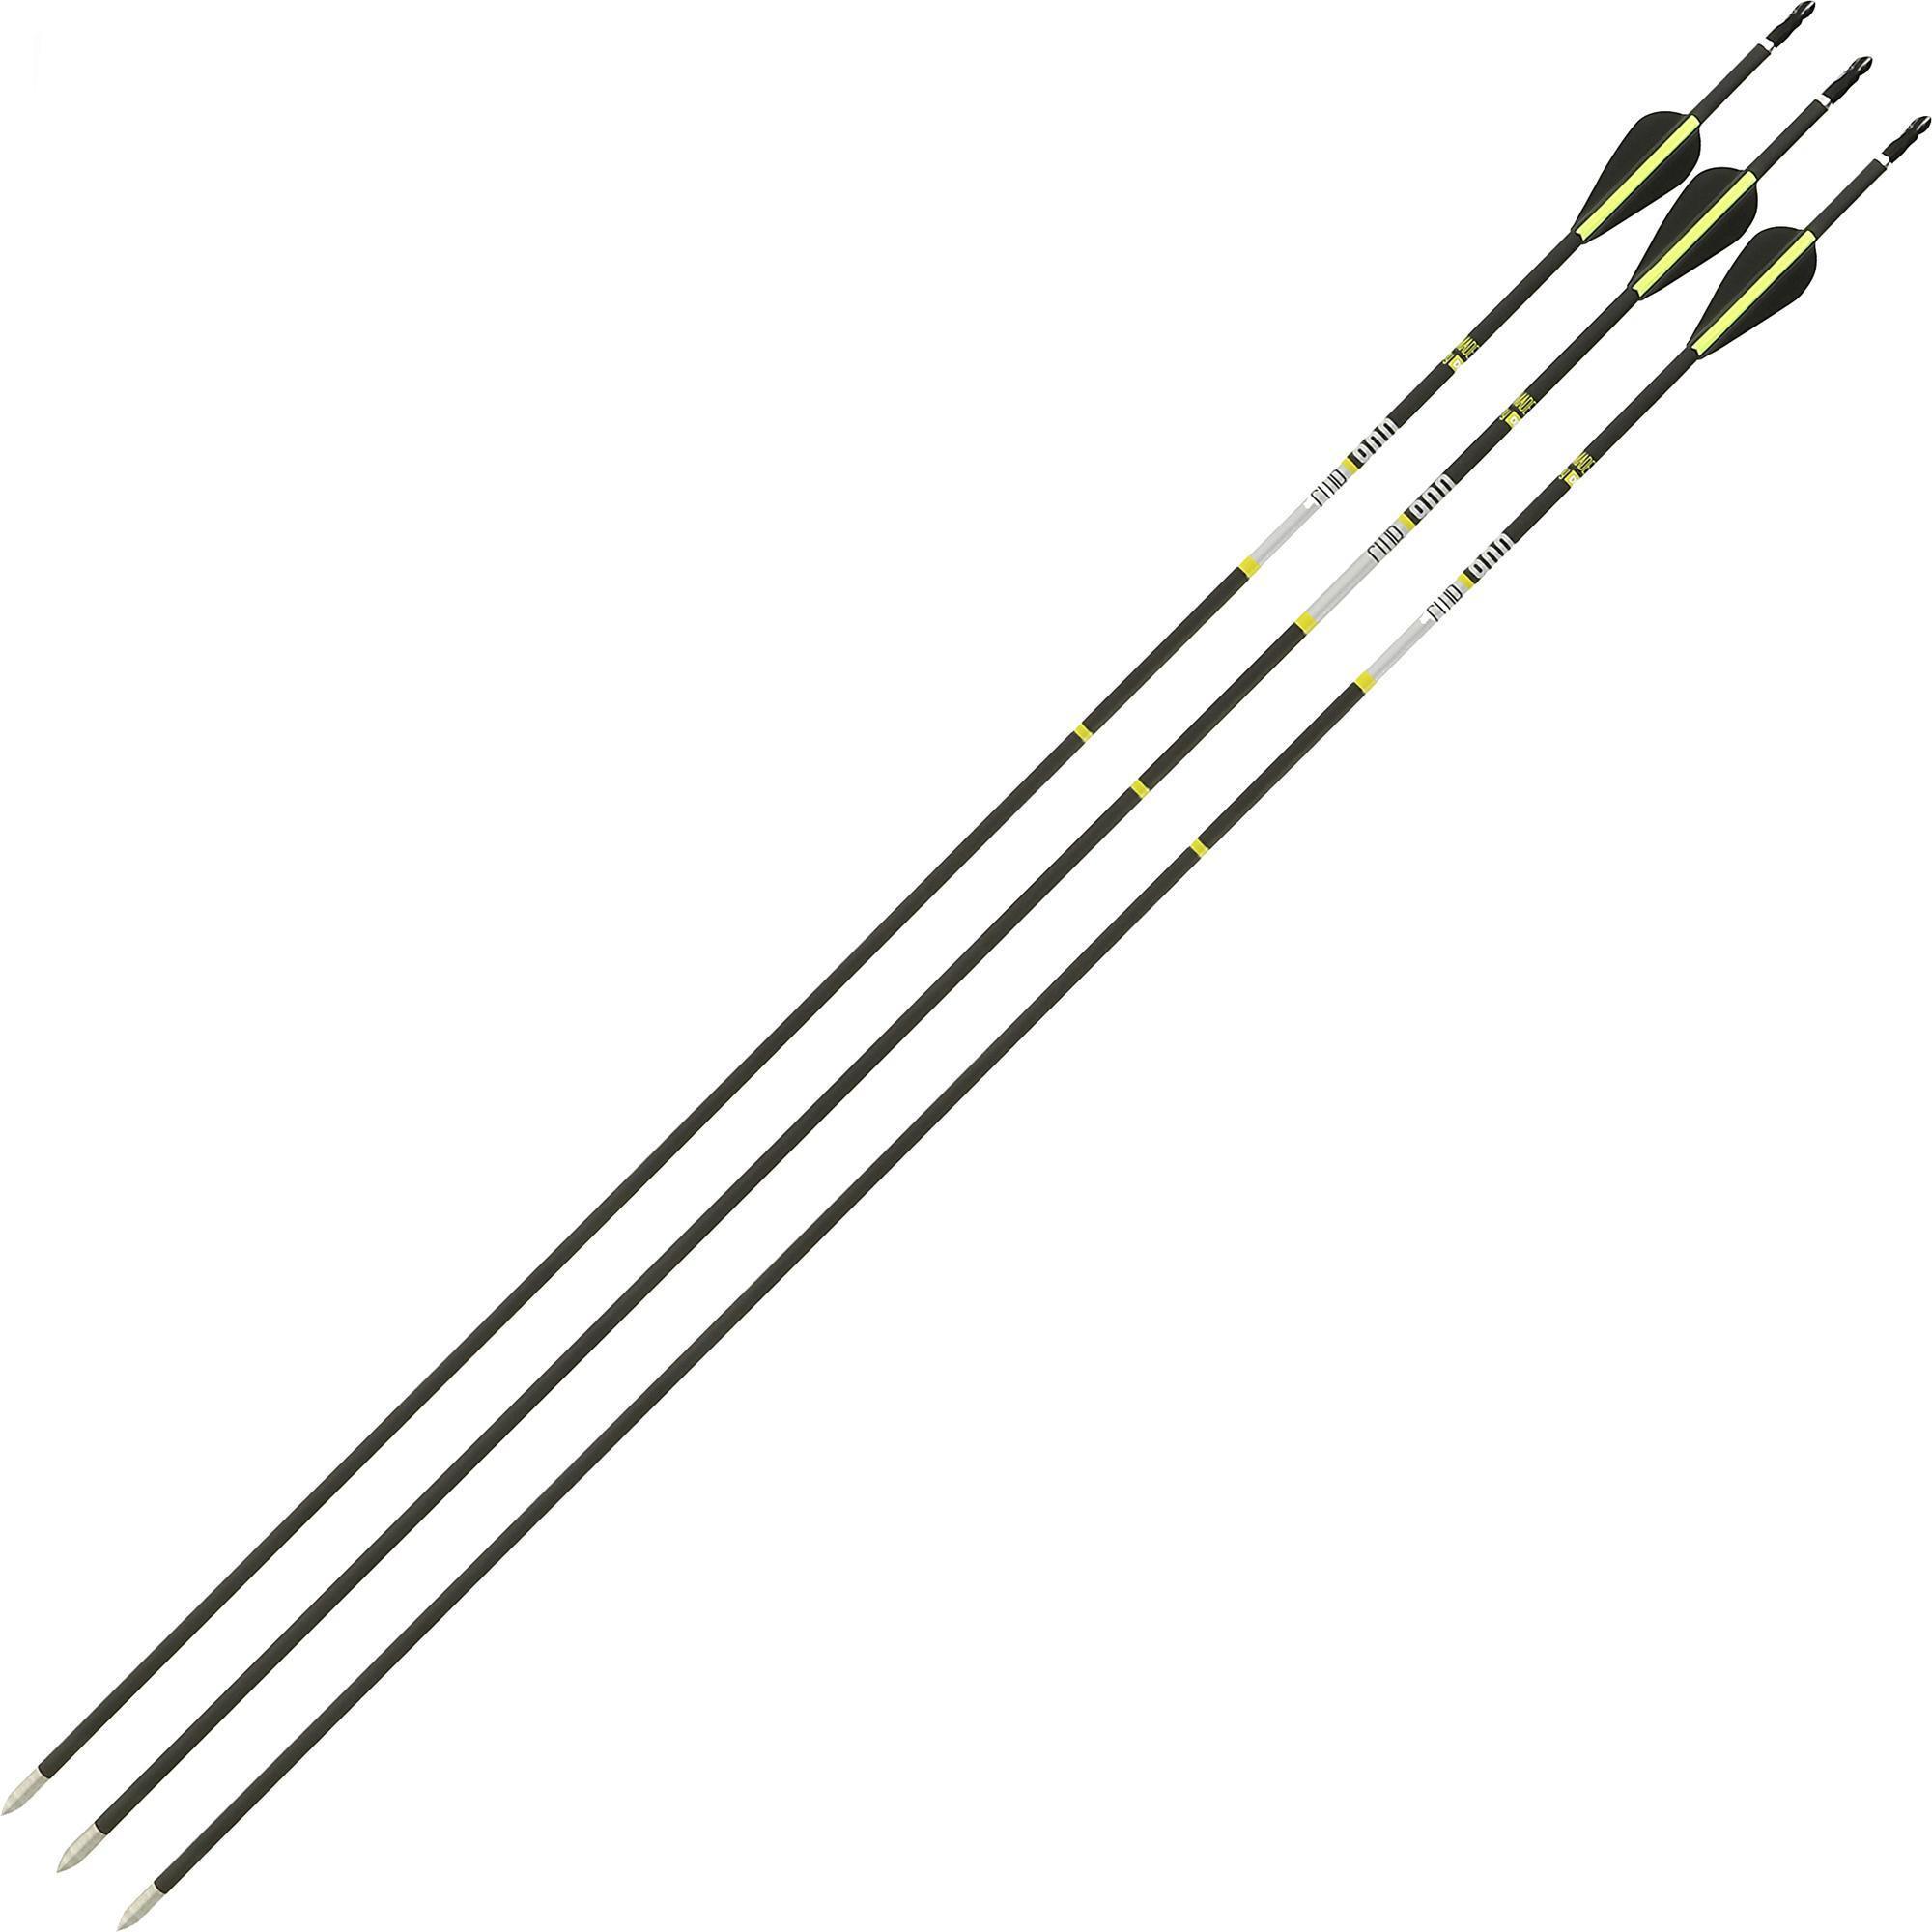 7bb8aa4b0 Comprar arcos y flechas online